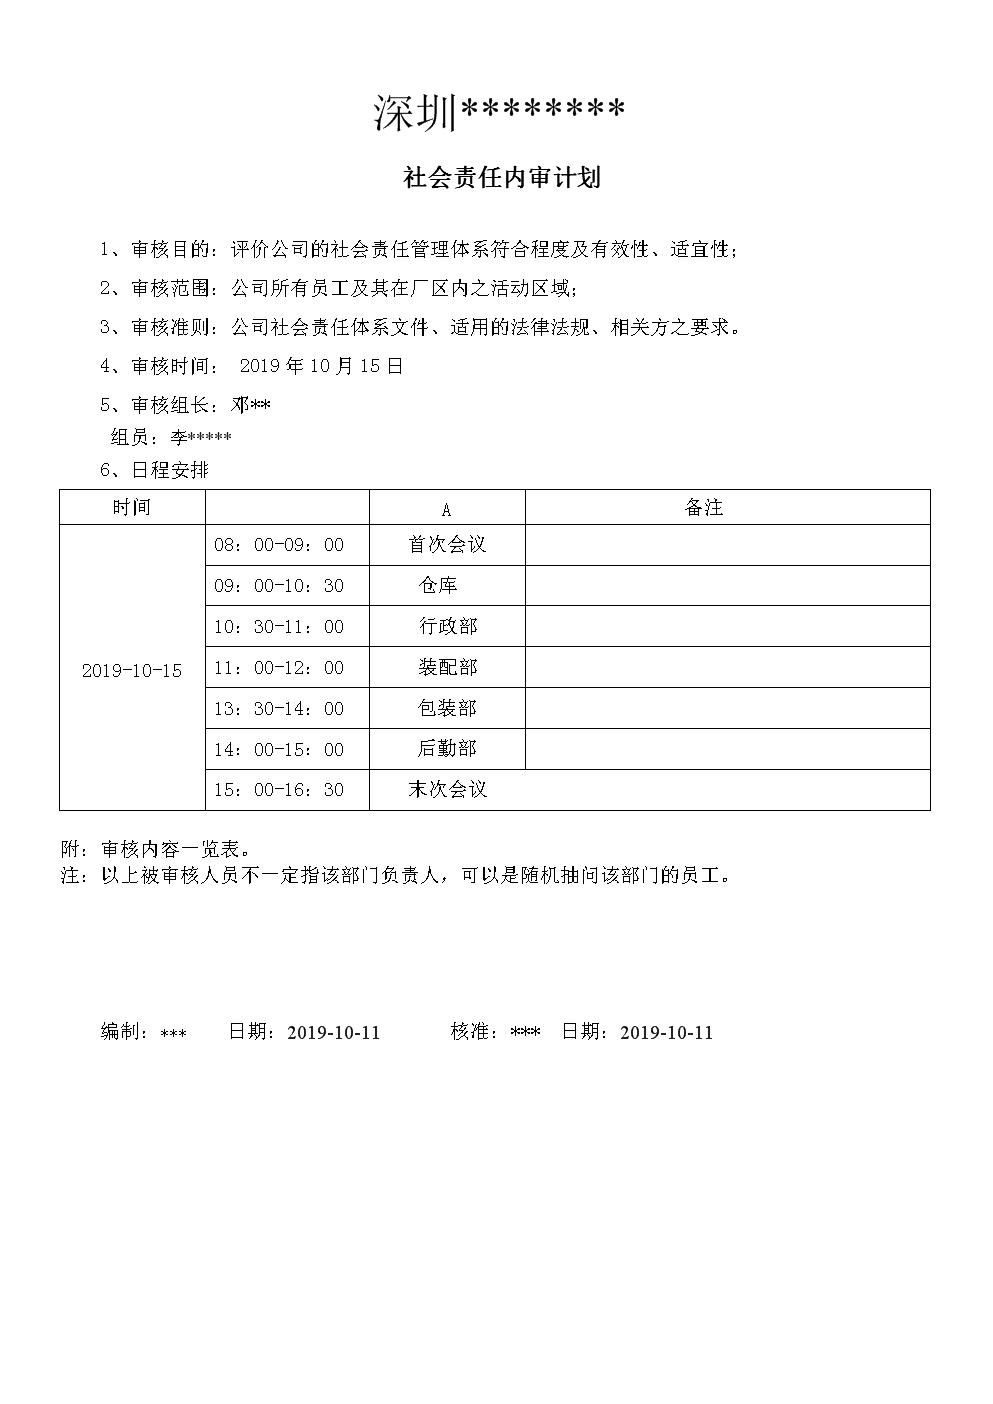 社会责任内审计划.doc